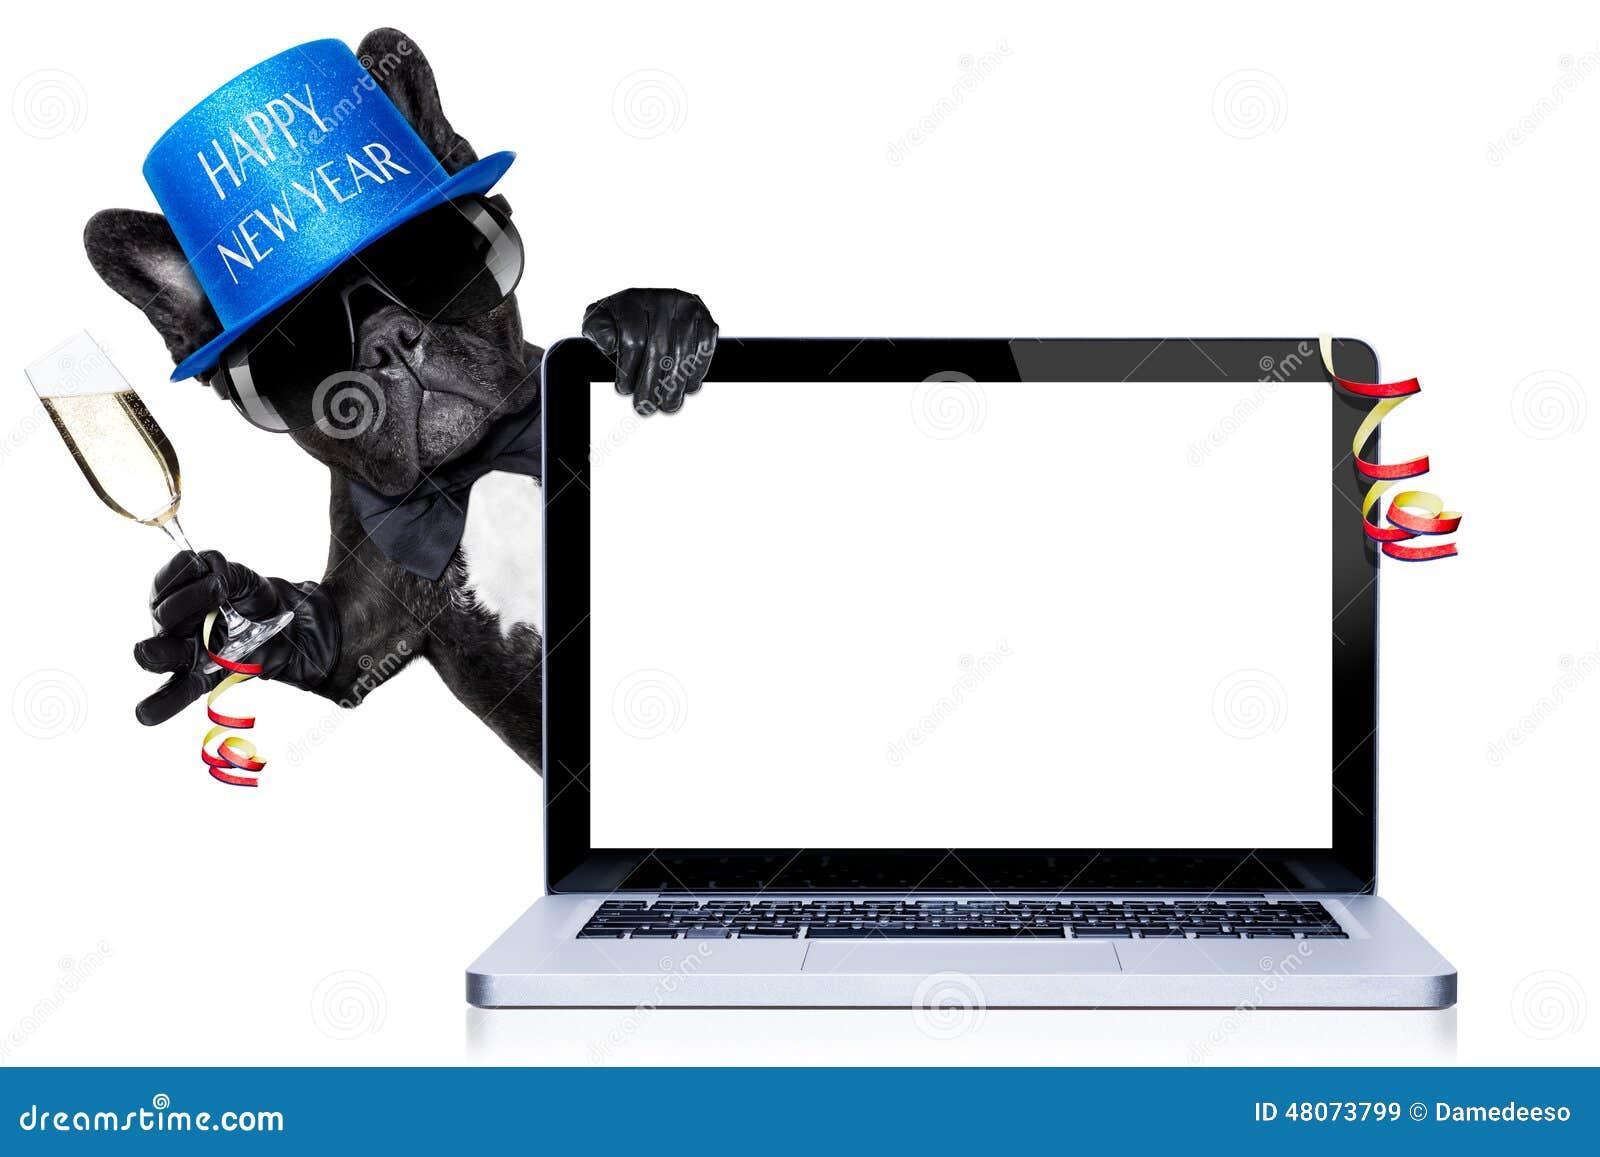 Happy new year dog stock image. Image of internet, laptop - 48073799